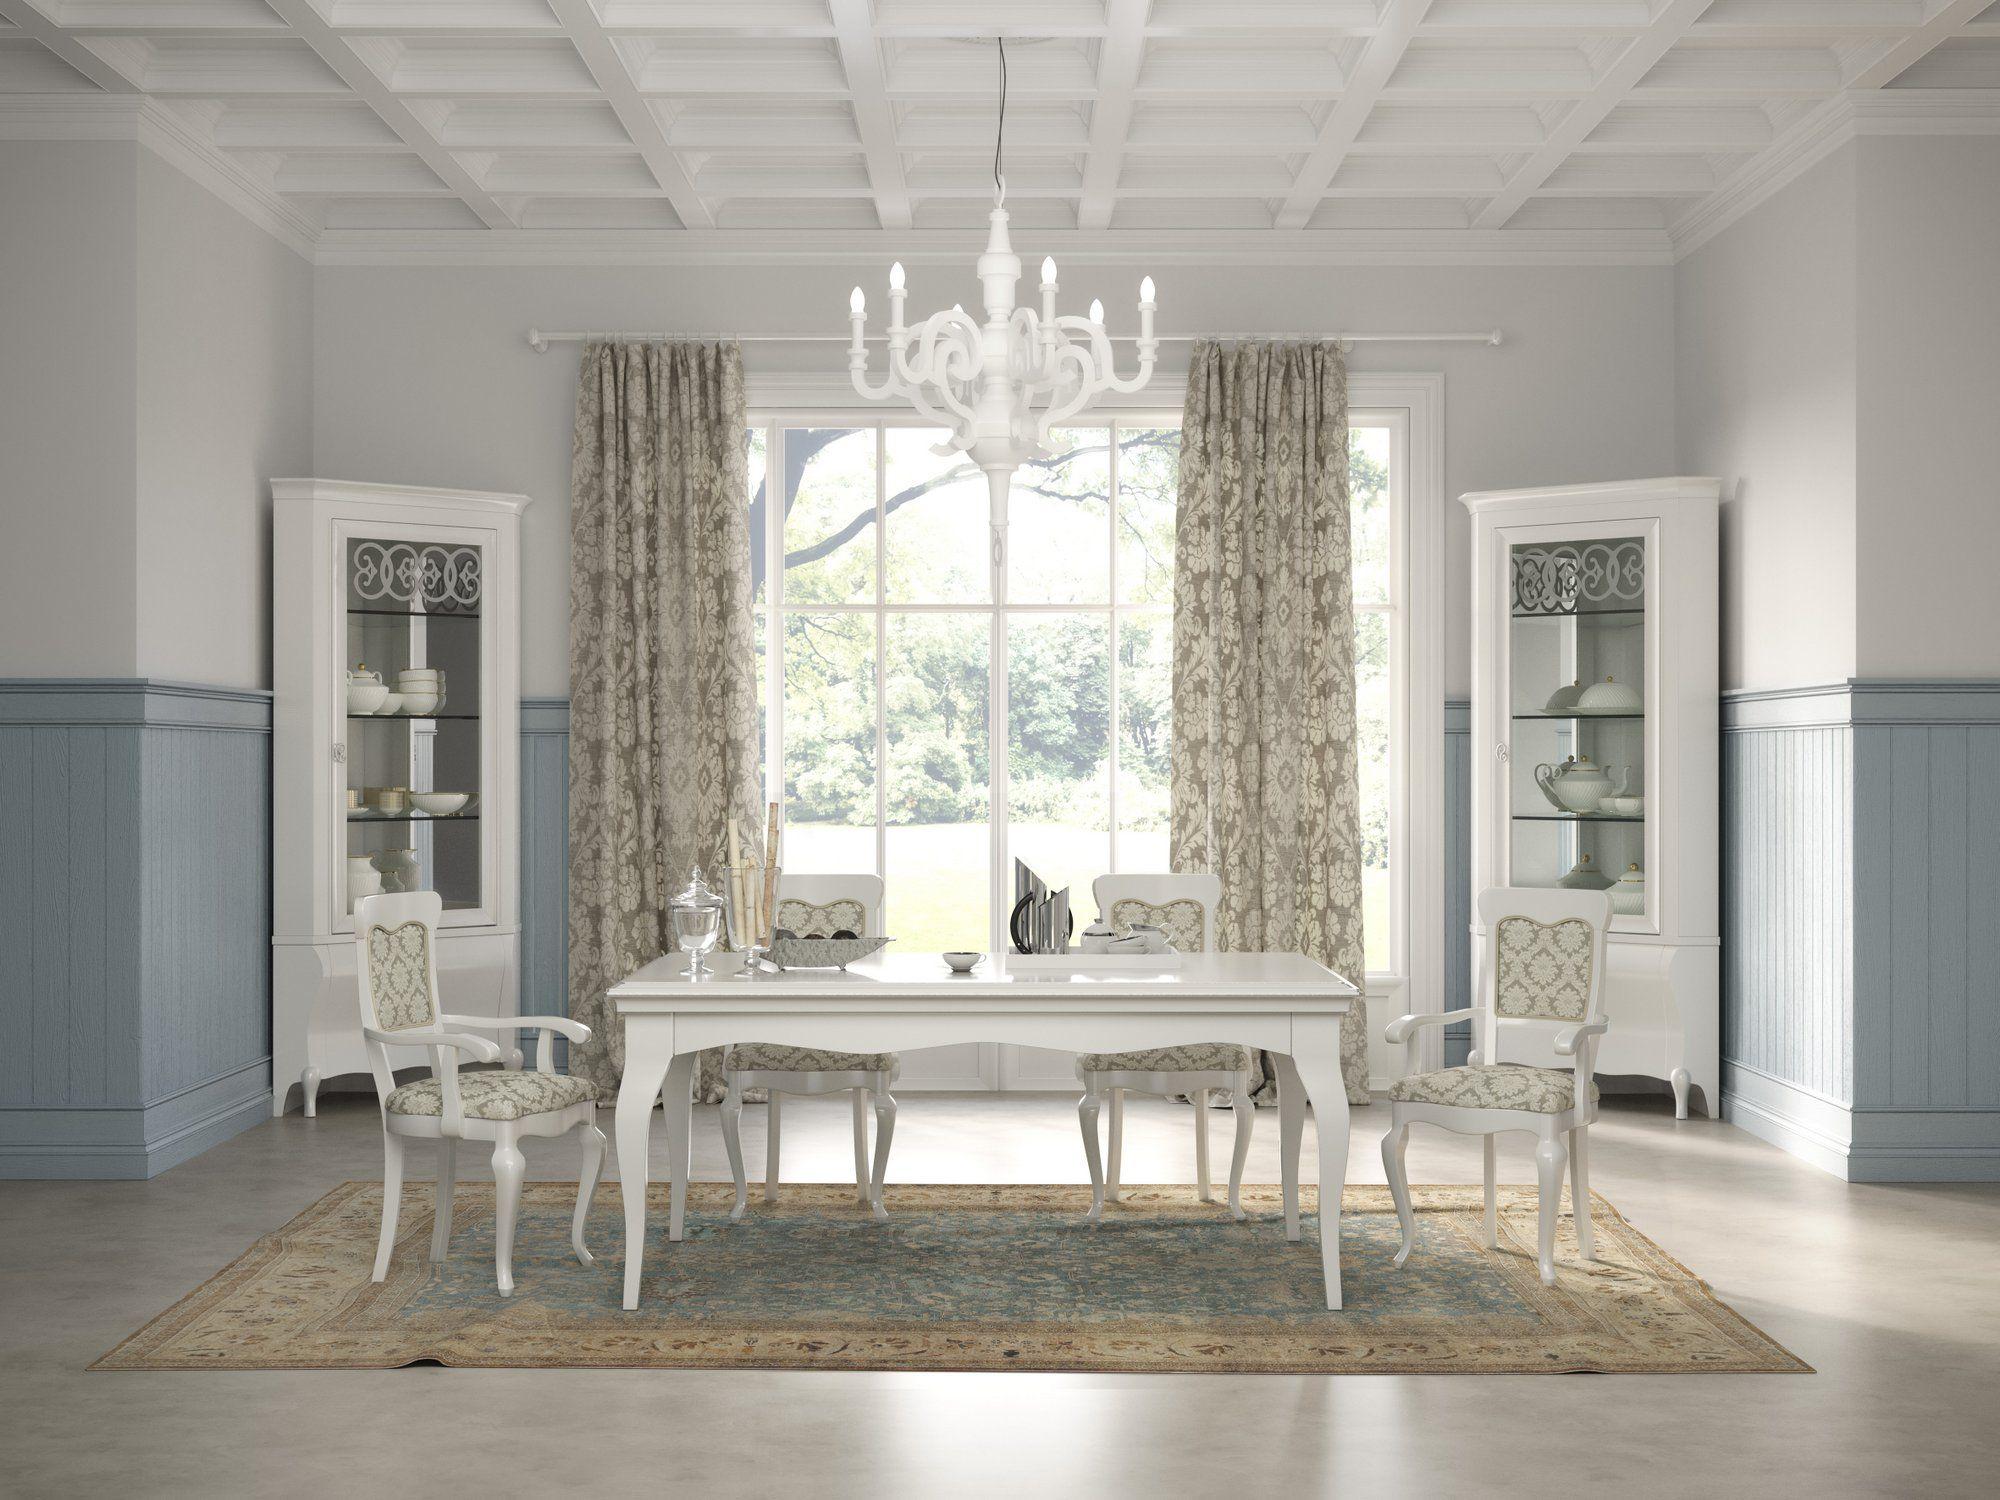 Symfonia tavolo laccato by dall agnese design imago design arbet design - Dall agnese mobili classici ...